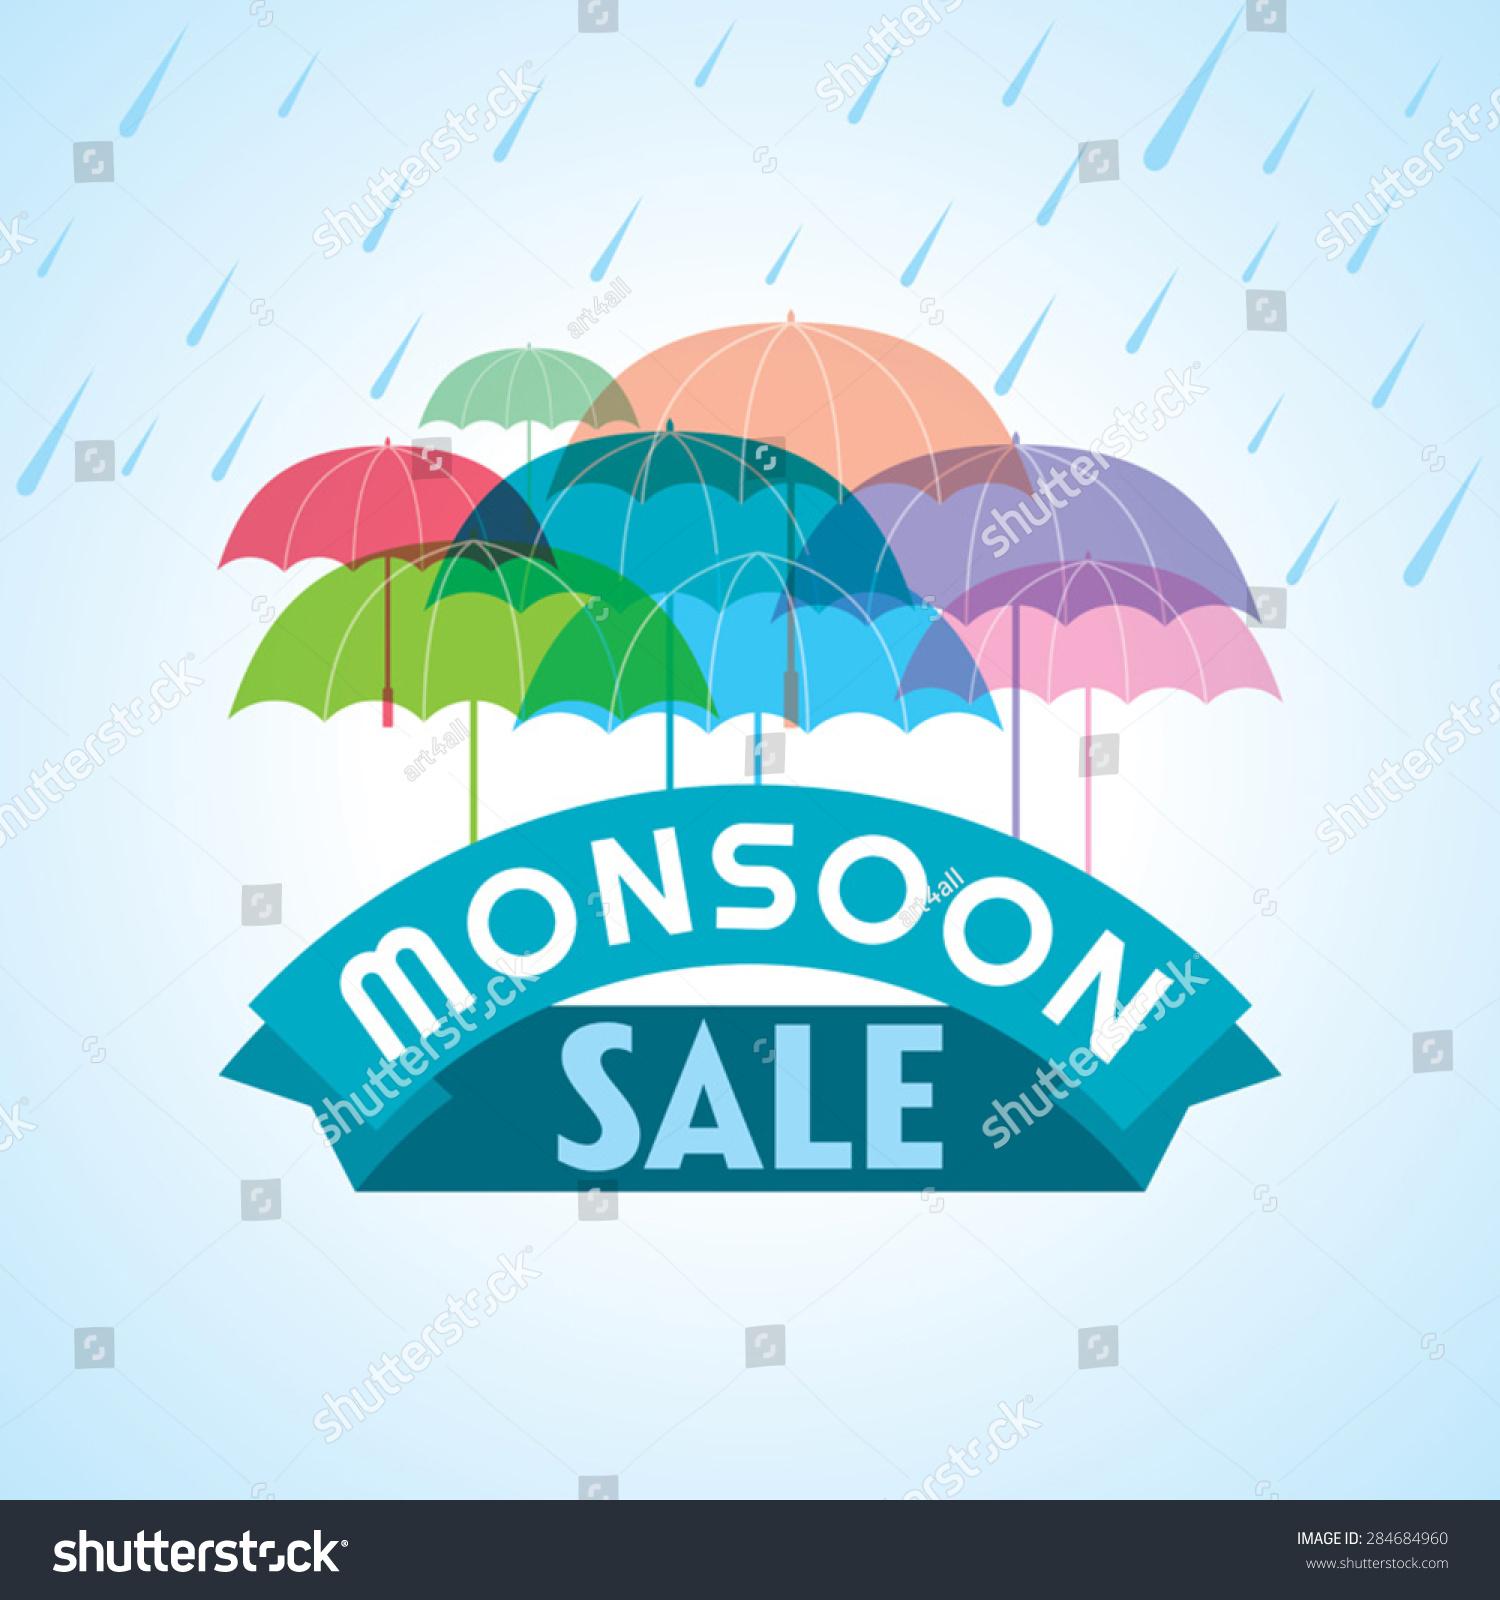 monsoon offer banner flyer poster stock vector 284684960 monsoon offer and banner flyer or poster